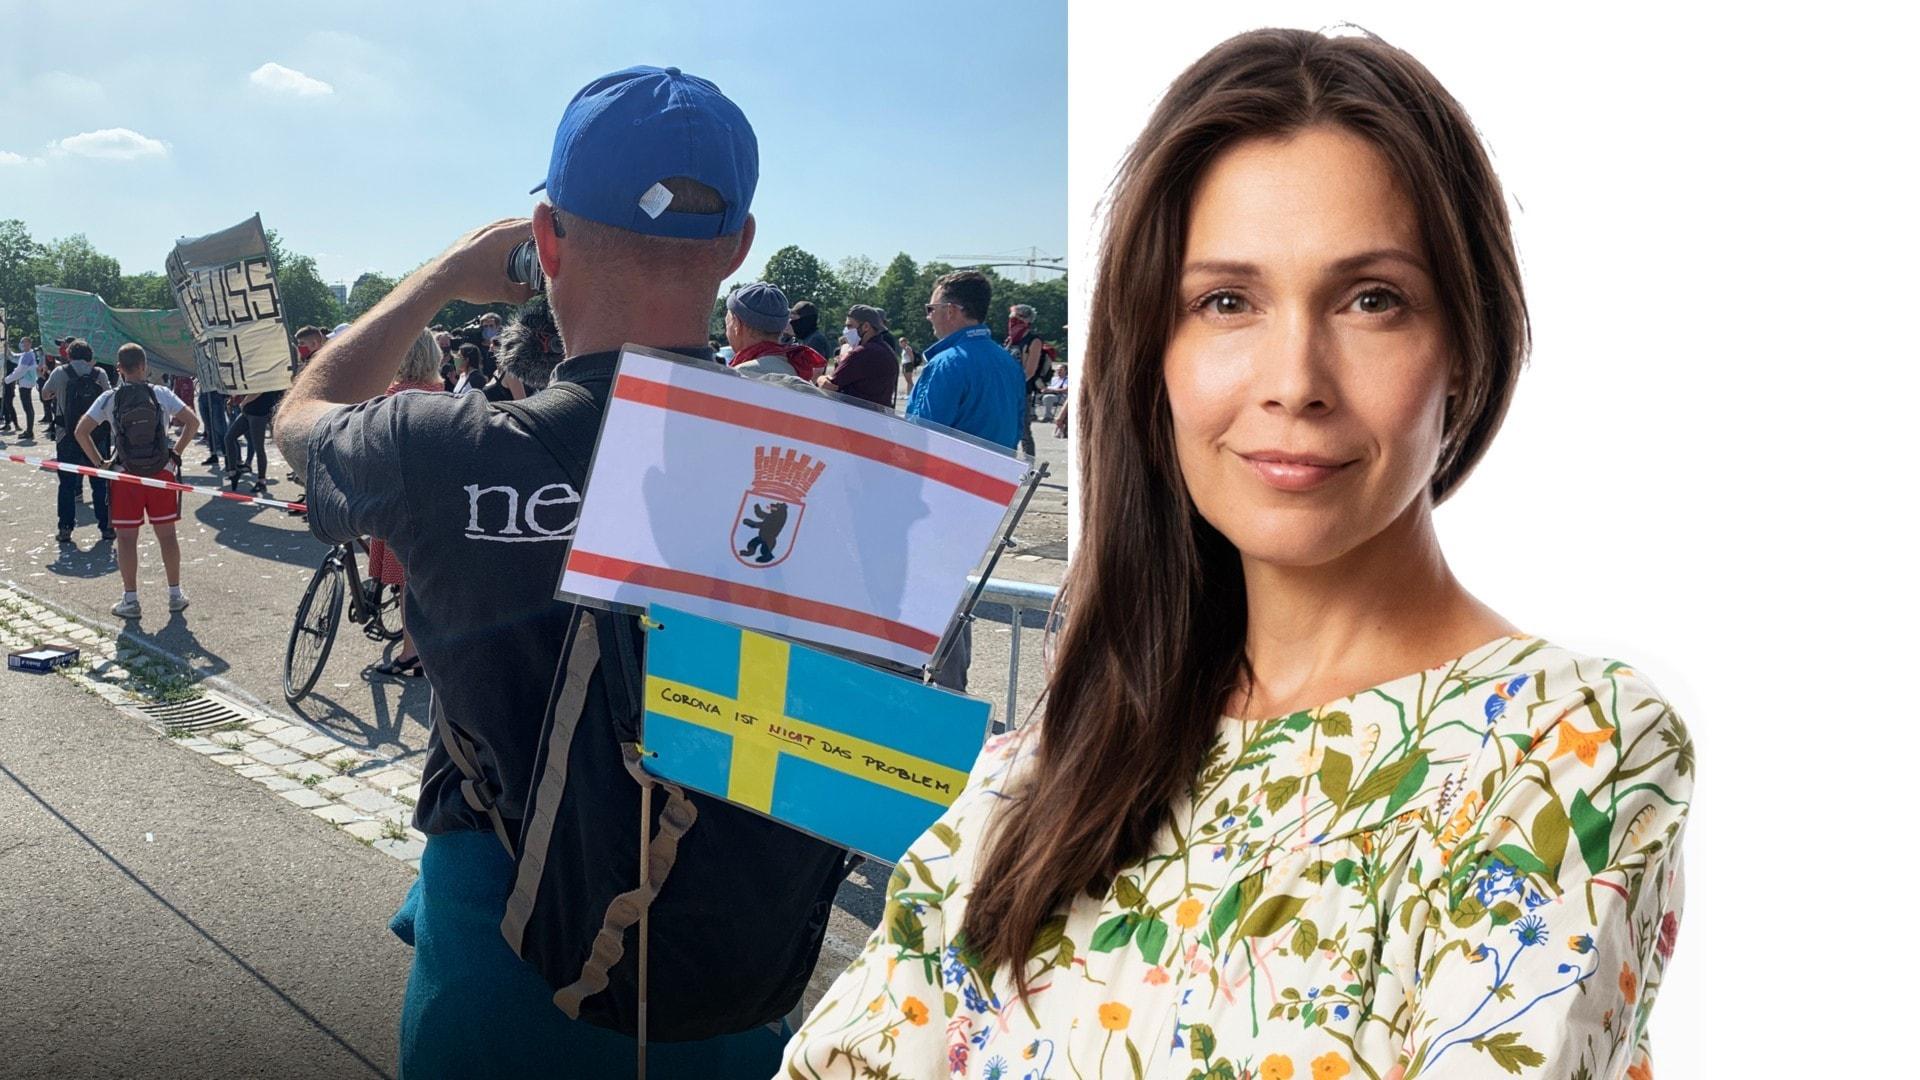 Svenska flaggan har blivit kontroversiell: Caroline Salzinger, Berlin